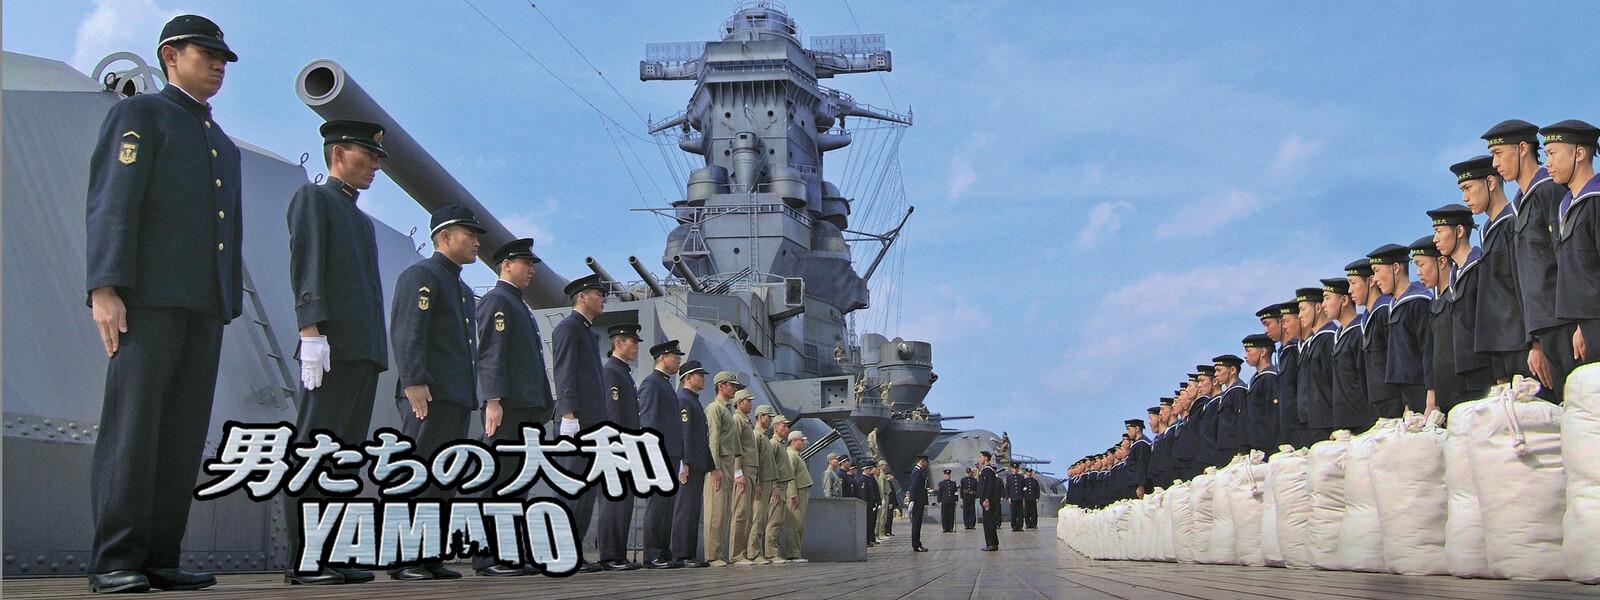 男たちの大和/YAMATO が見放題...